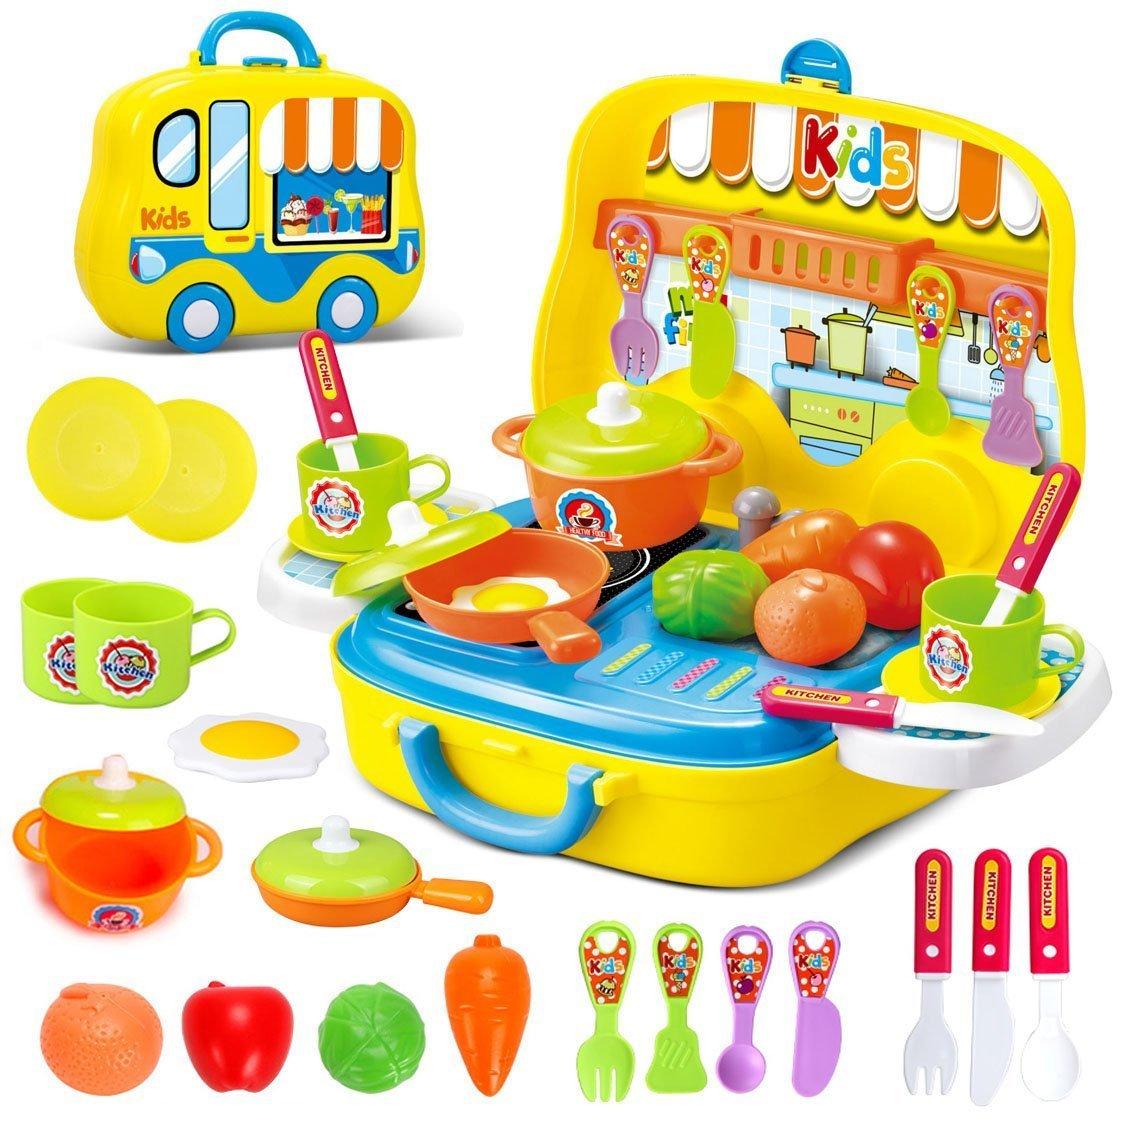 deAO - Cocina de Juego con maletín portátil y Accesorios (Color Amarillo) product image